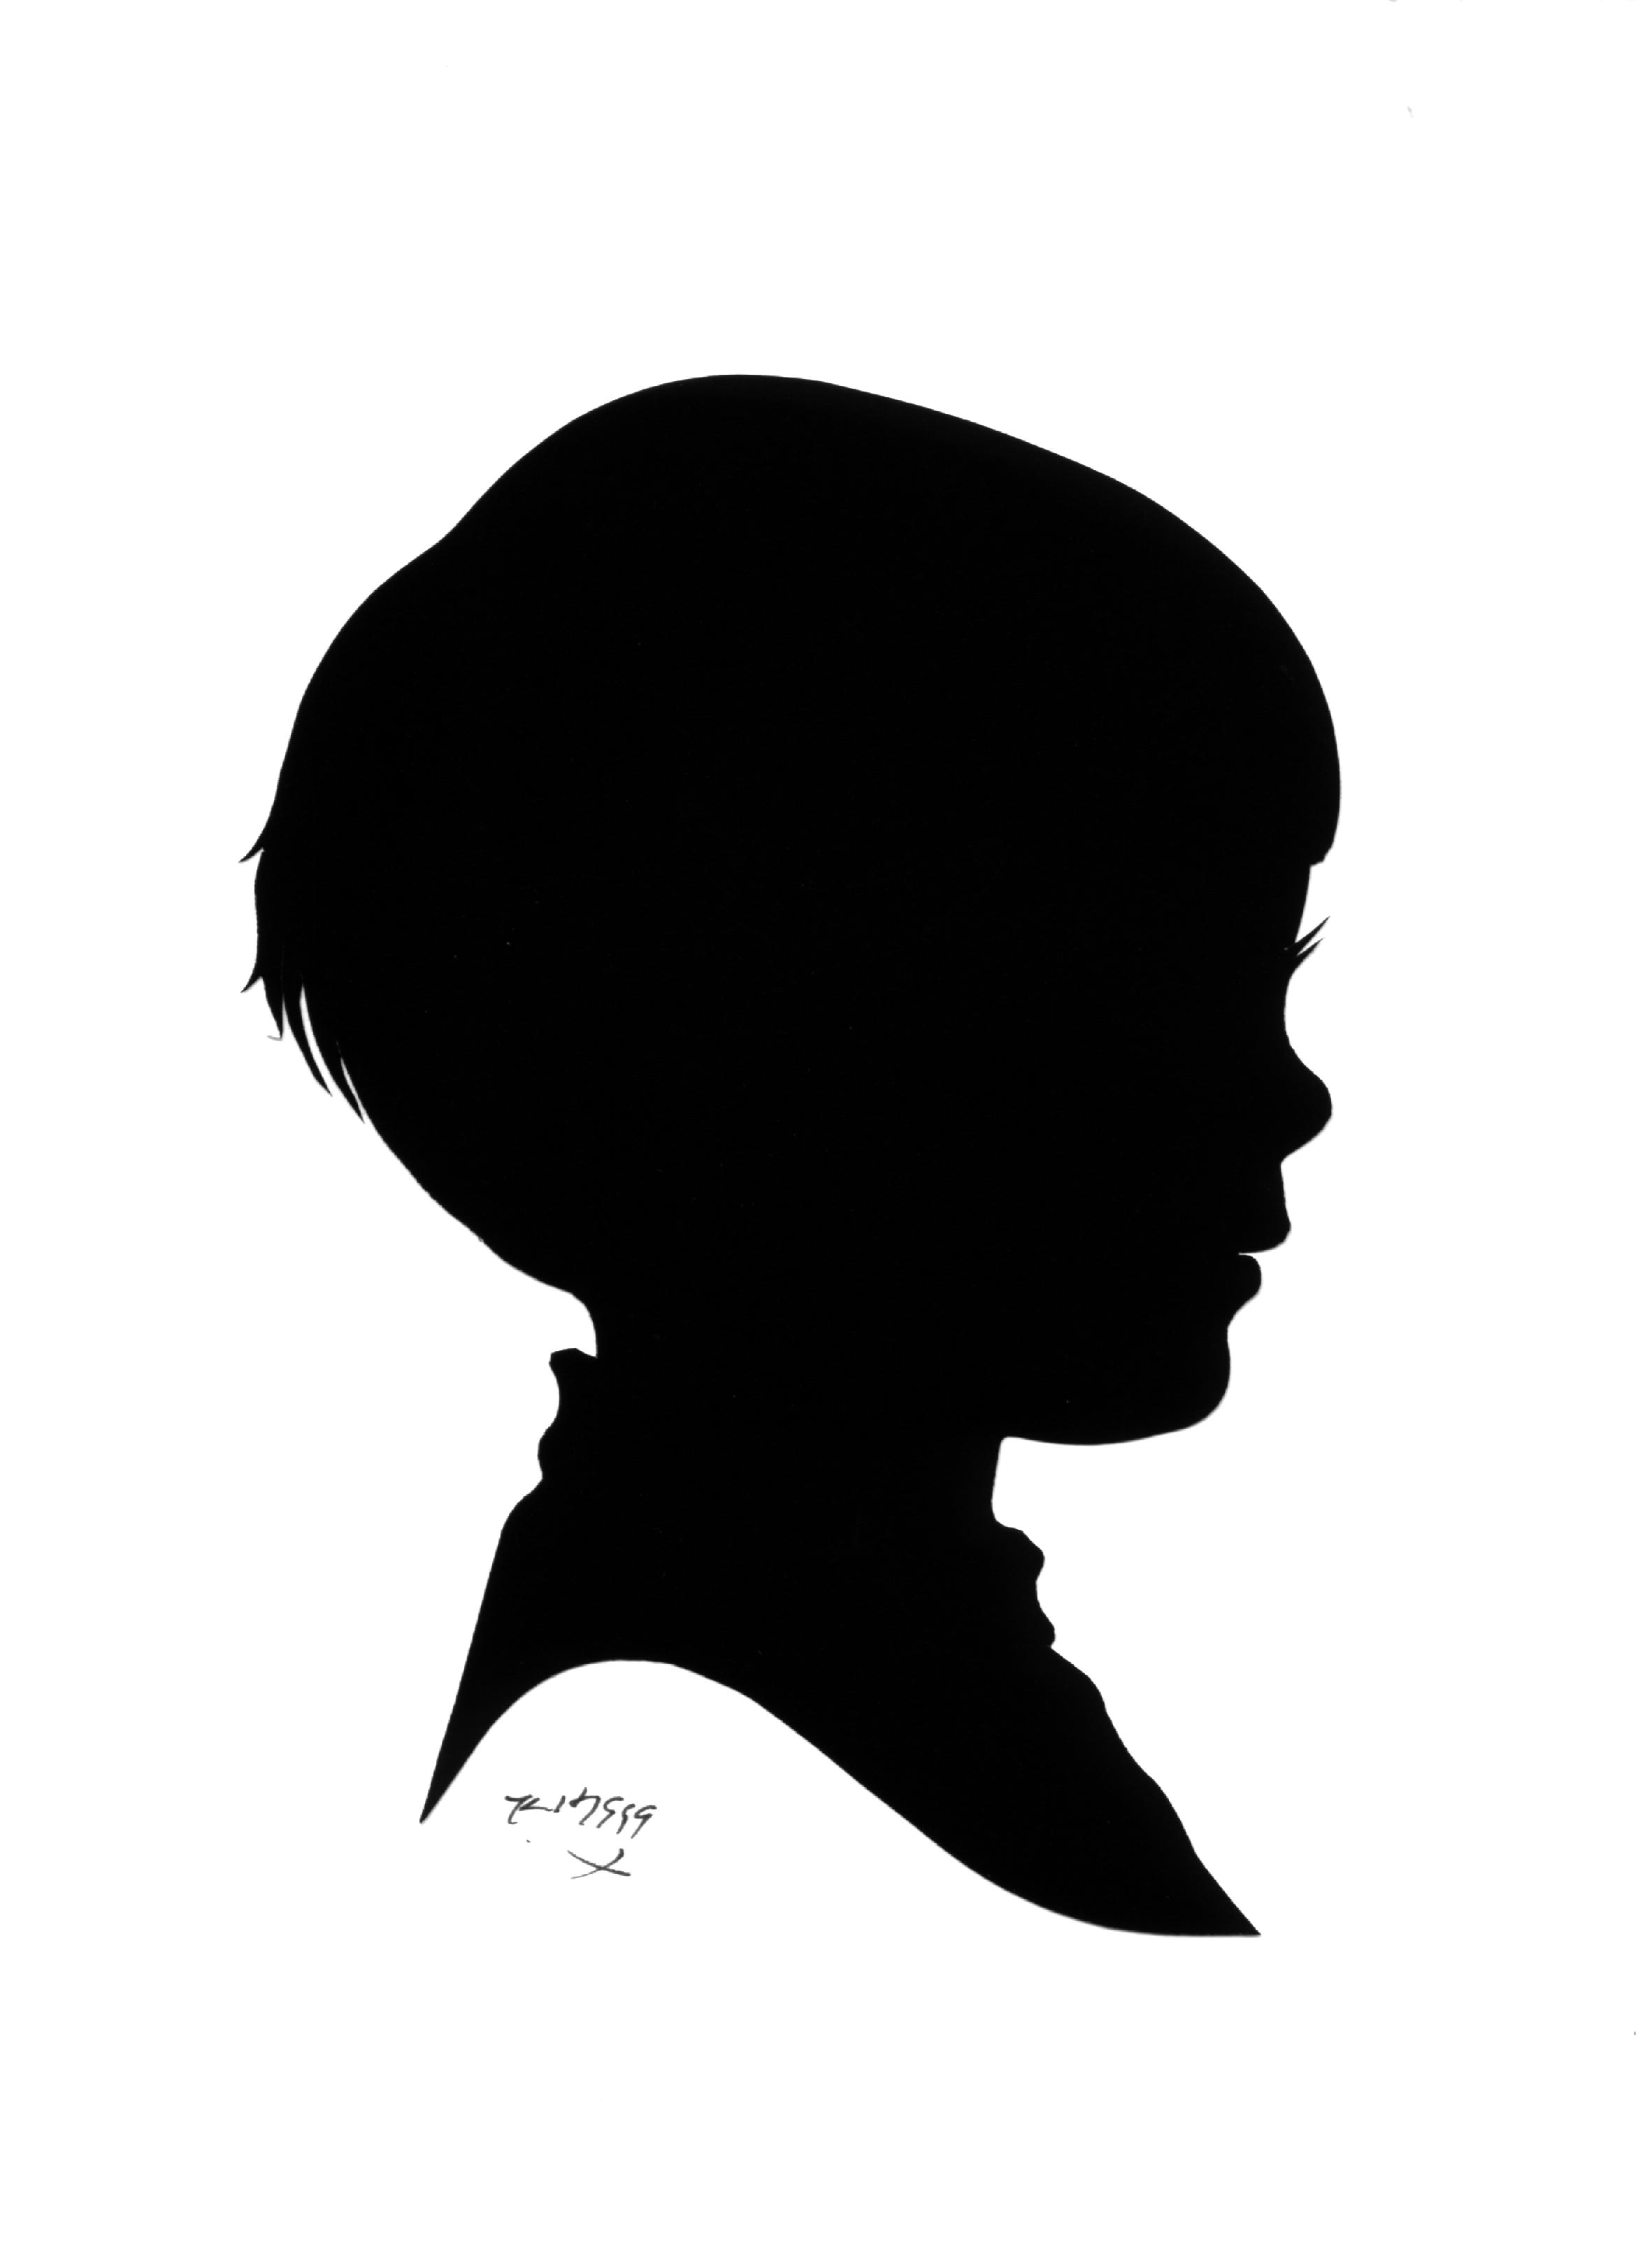 2363x3228 Face Profile Silhouette Clip Art